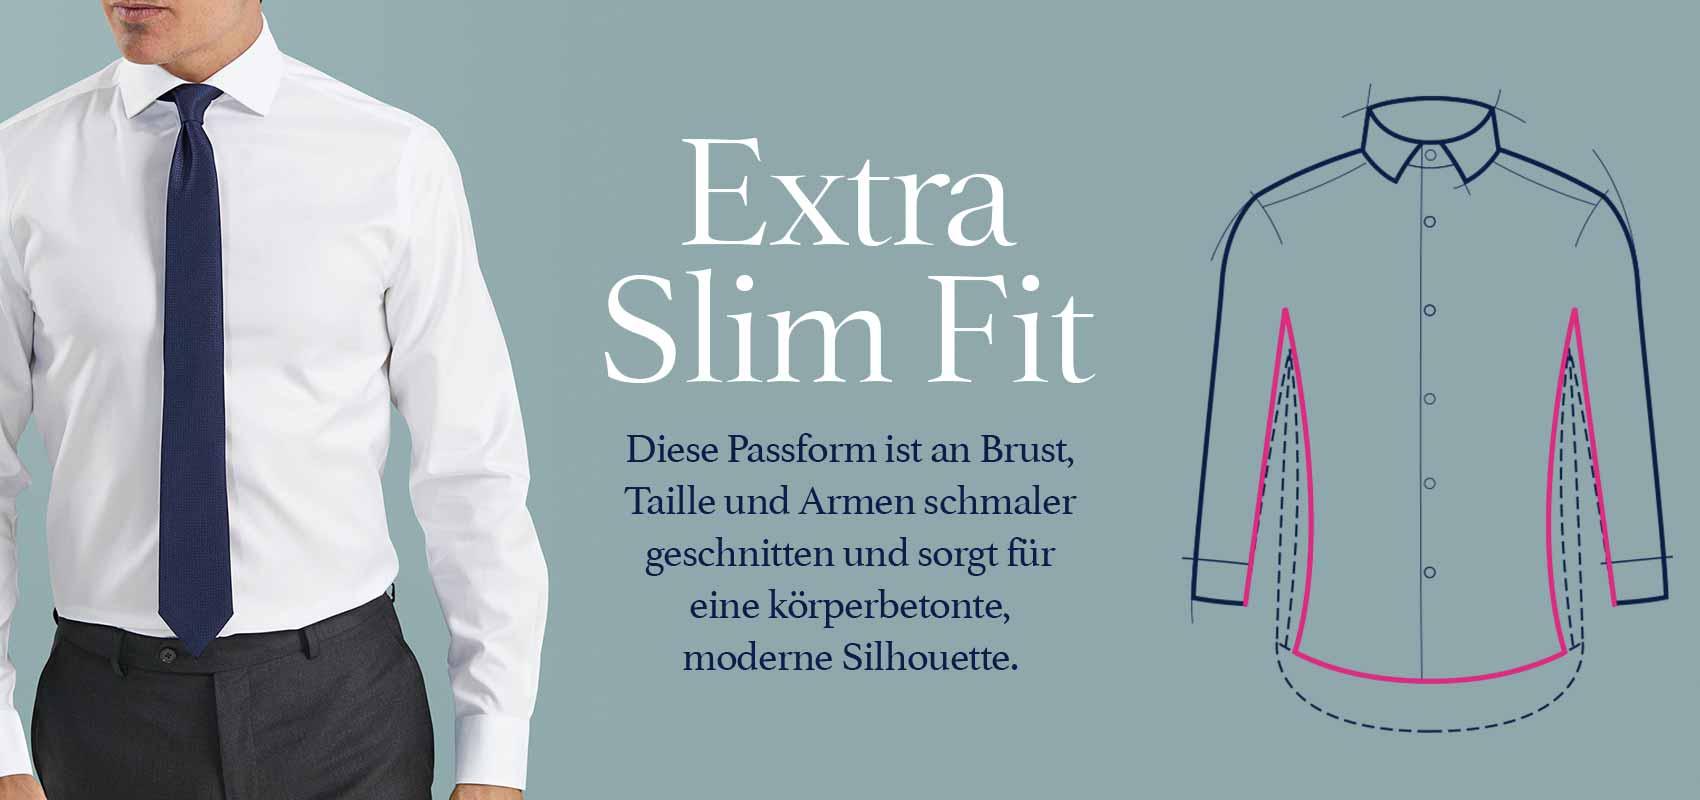 Charles Tyrwhitt  Extra Slim Fit Hemden